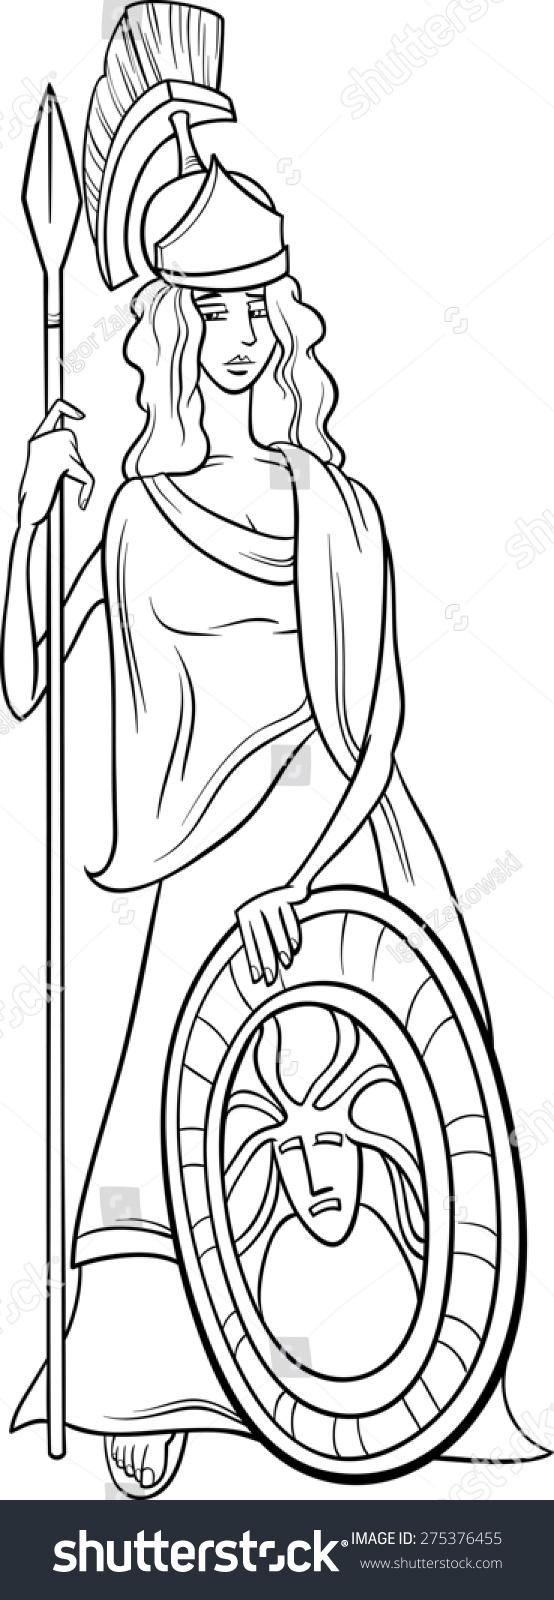 black white cartoon illustration mythological greek stock